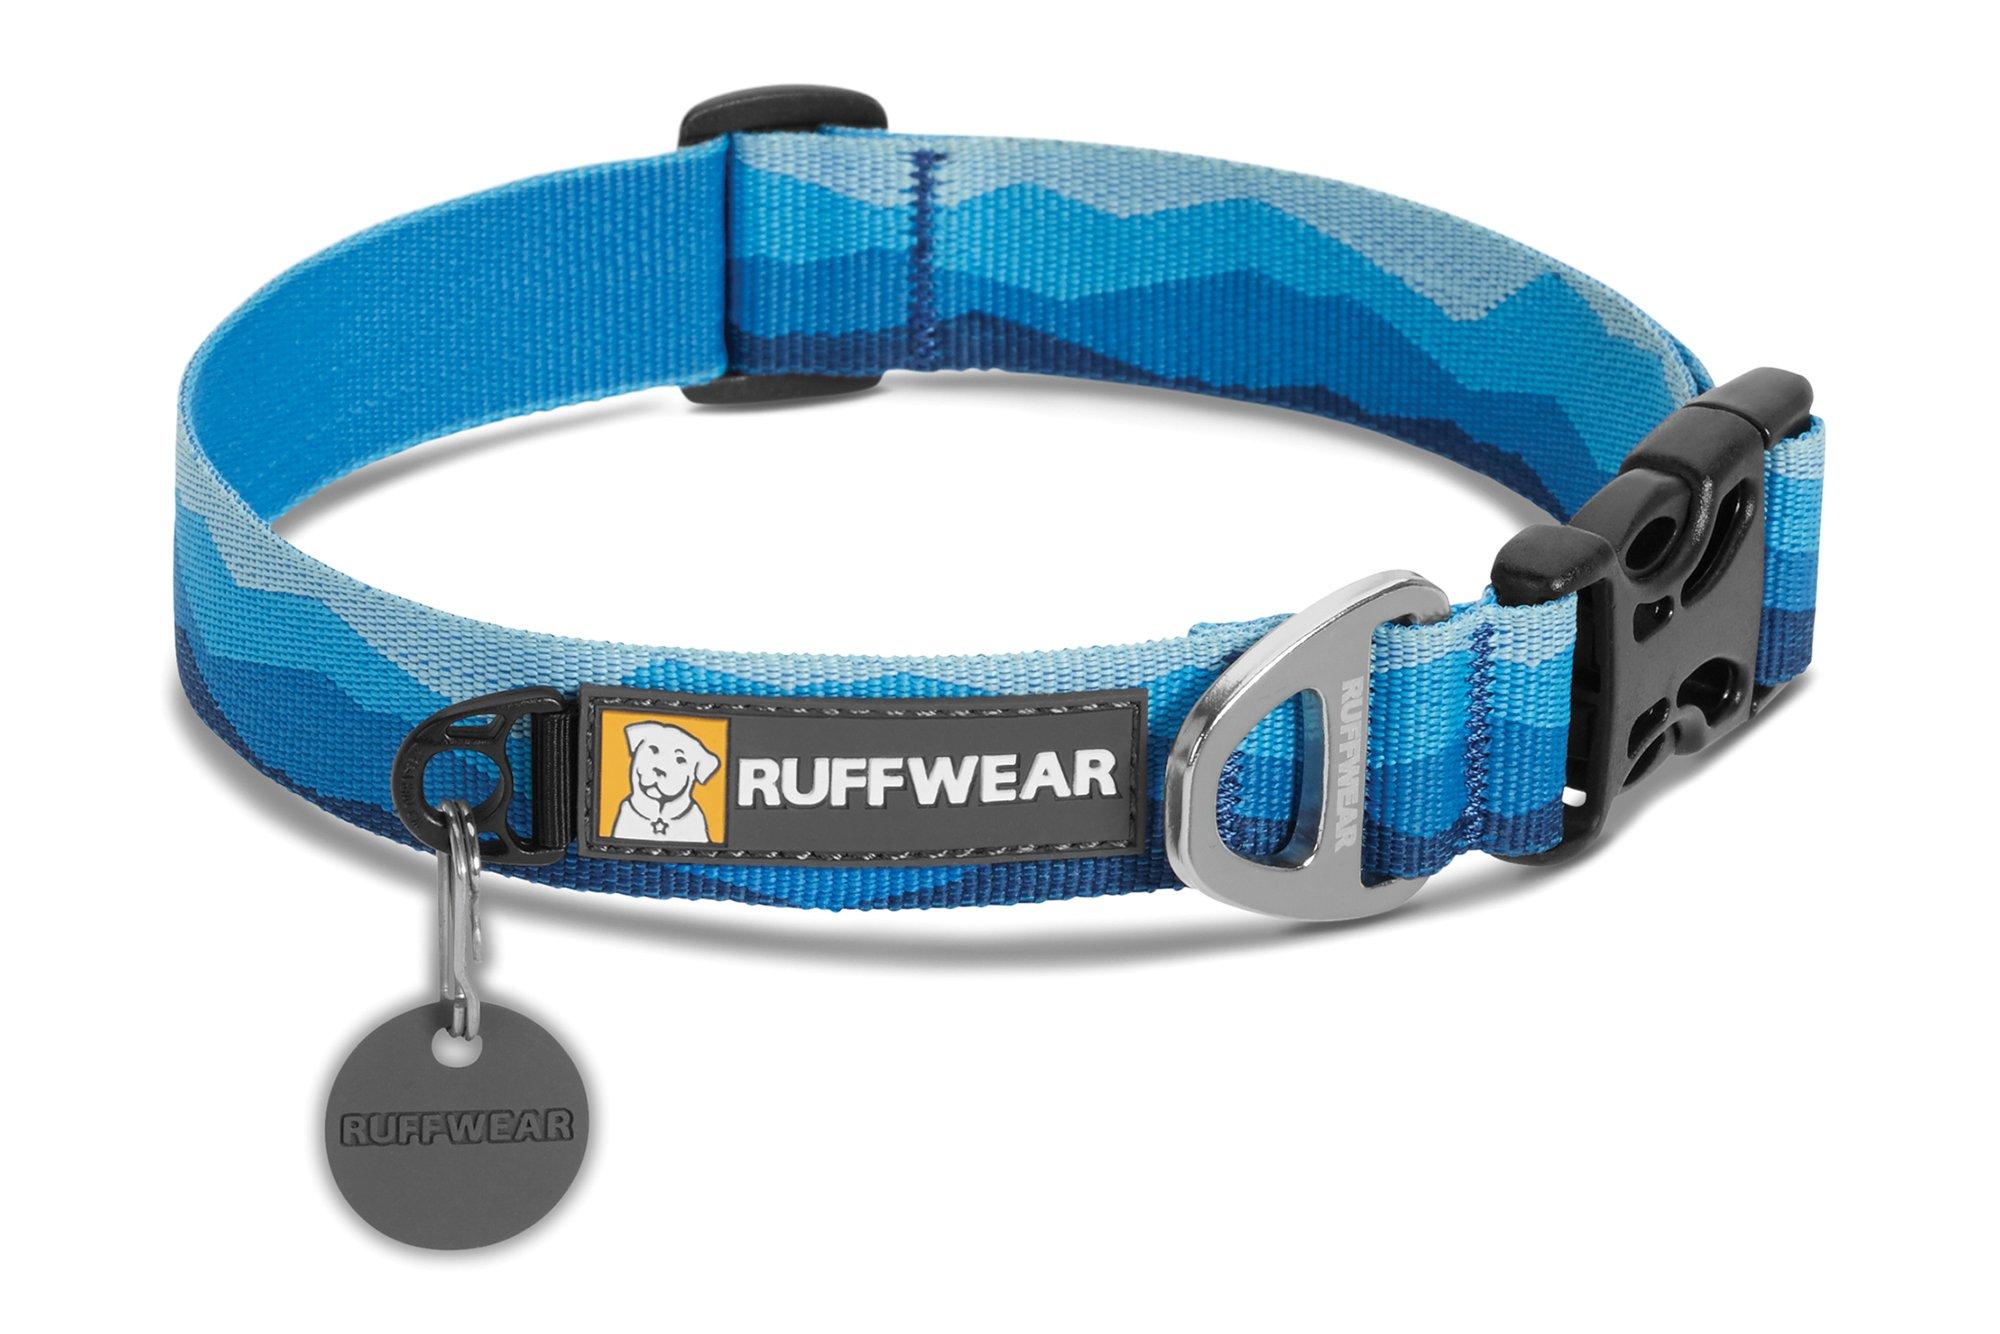 RUFFWEAR - Hoopie Dog Collar, Blue Mountains, Large